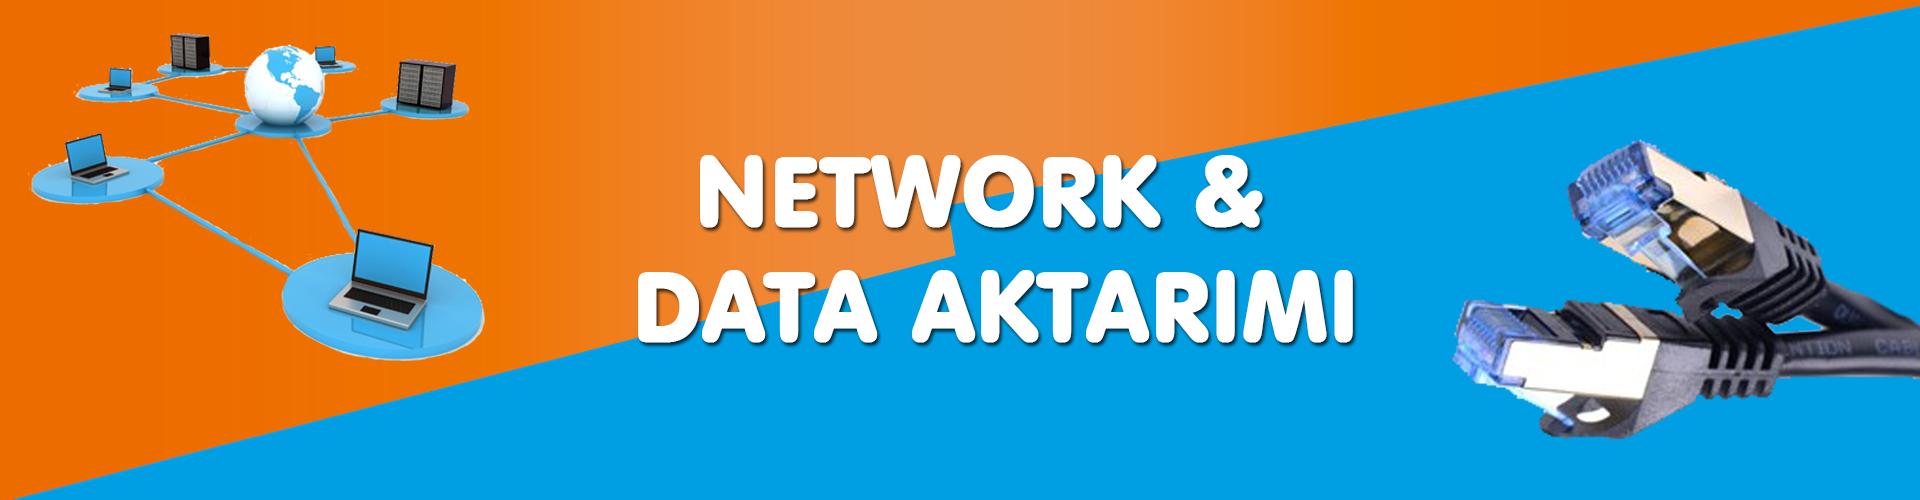 DATA AKTARIMI network ağ kurulumu